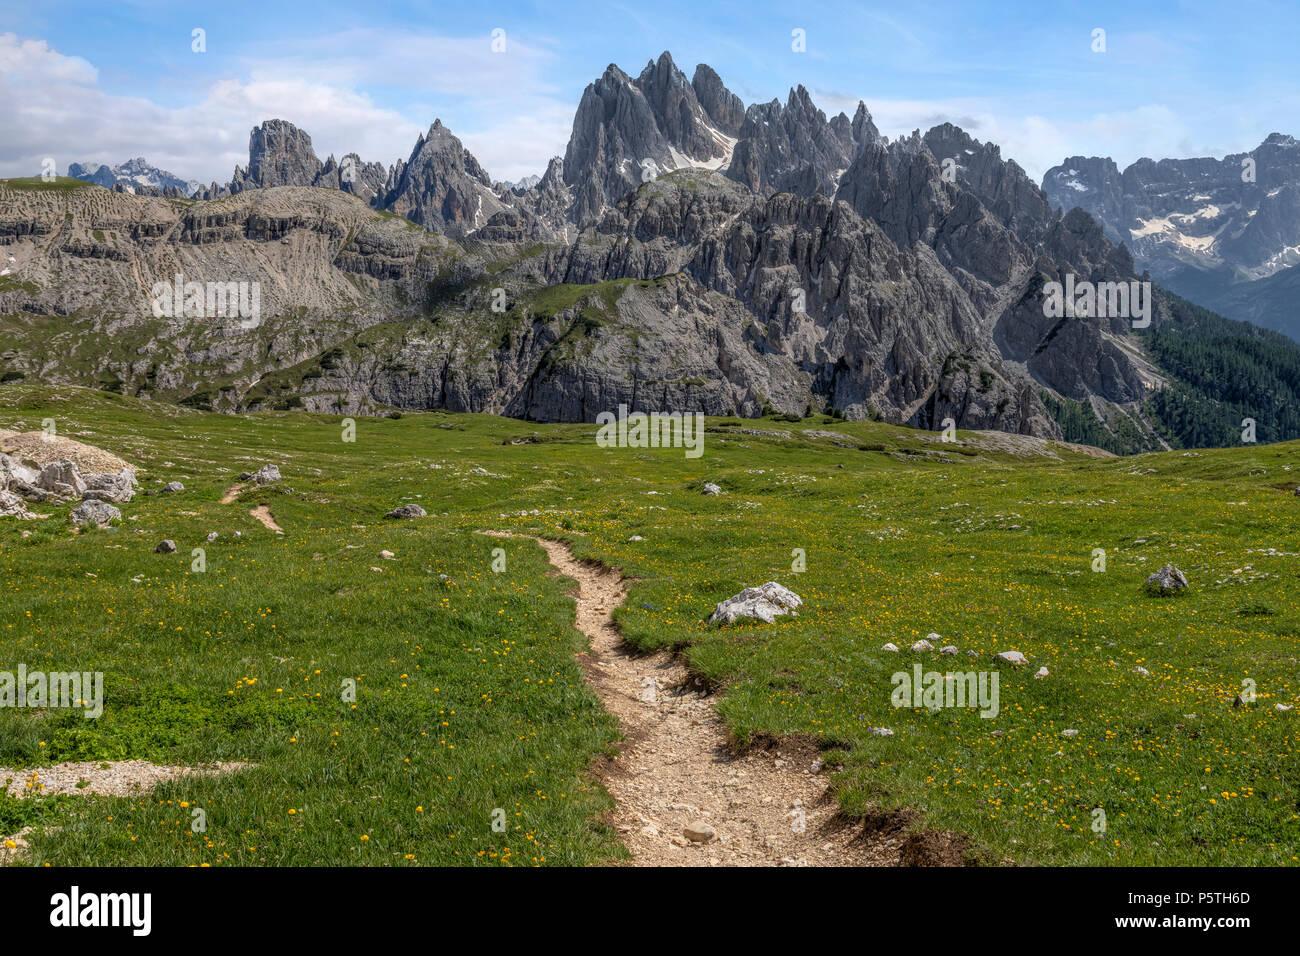 Cadini di Misurina, Dolomites, Veneto, Belluno, Sexten, Italy, Europe - Stock Image